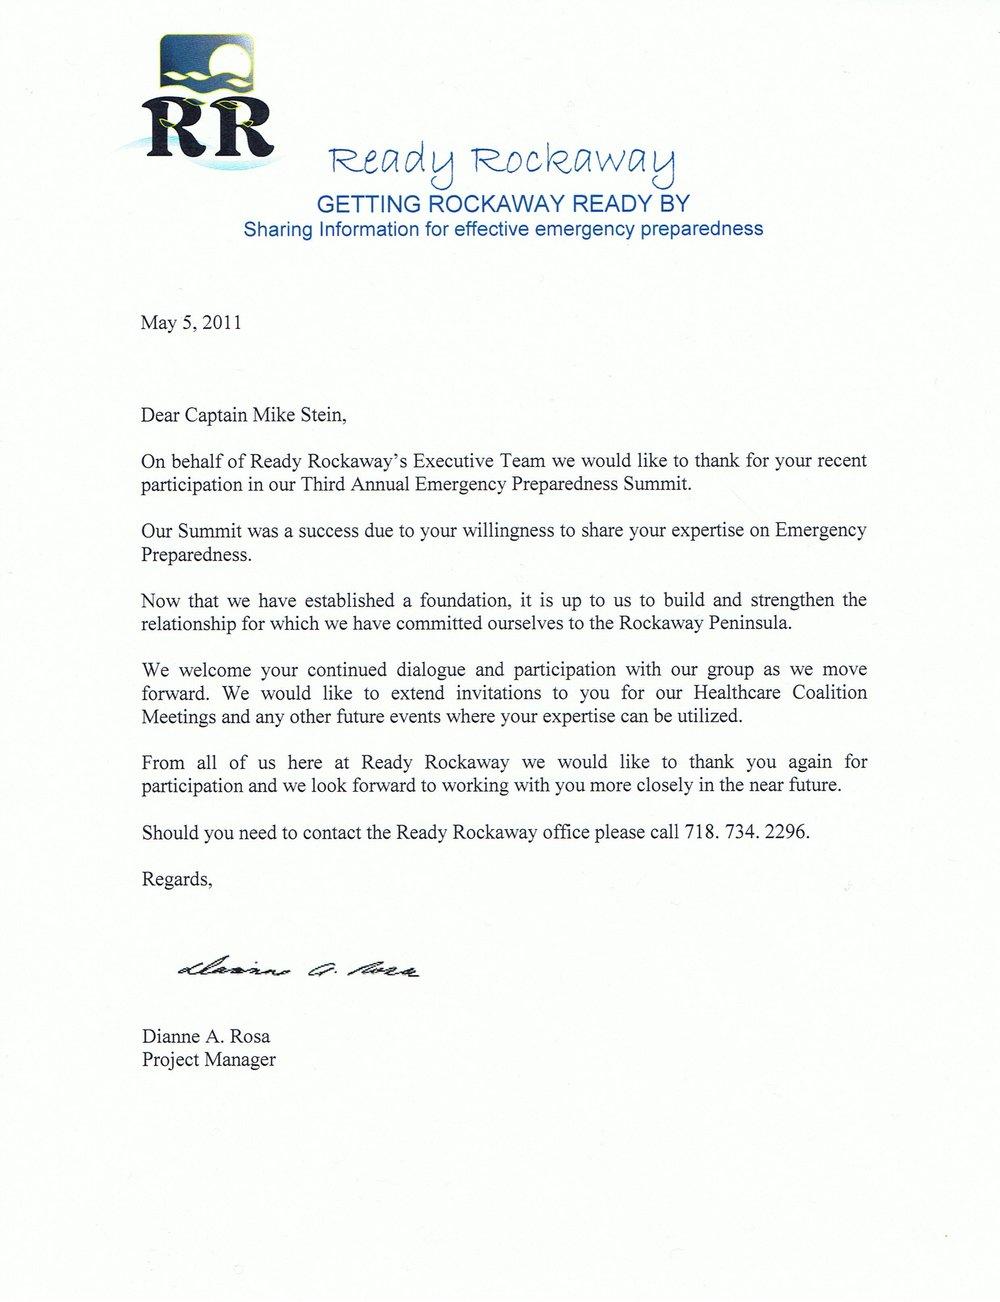 RR Thank you letter.JPG